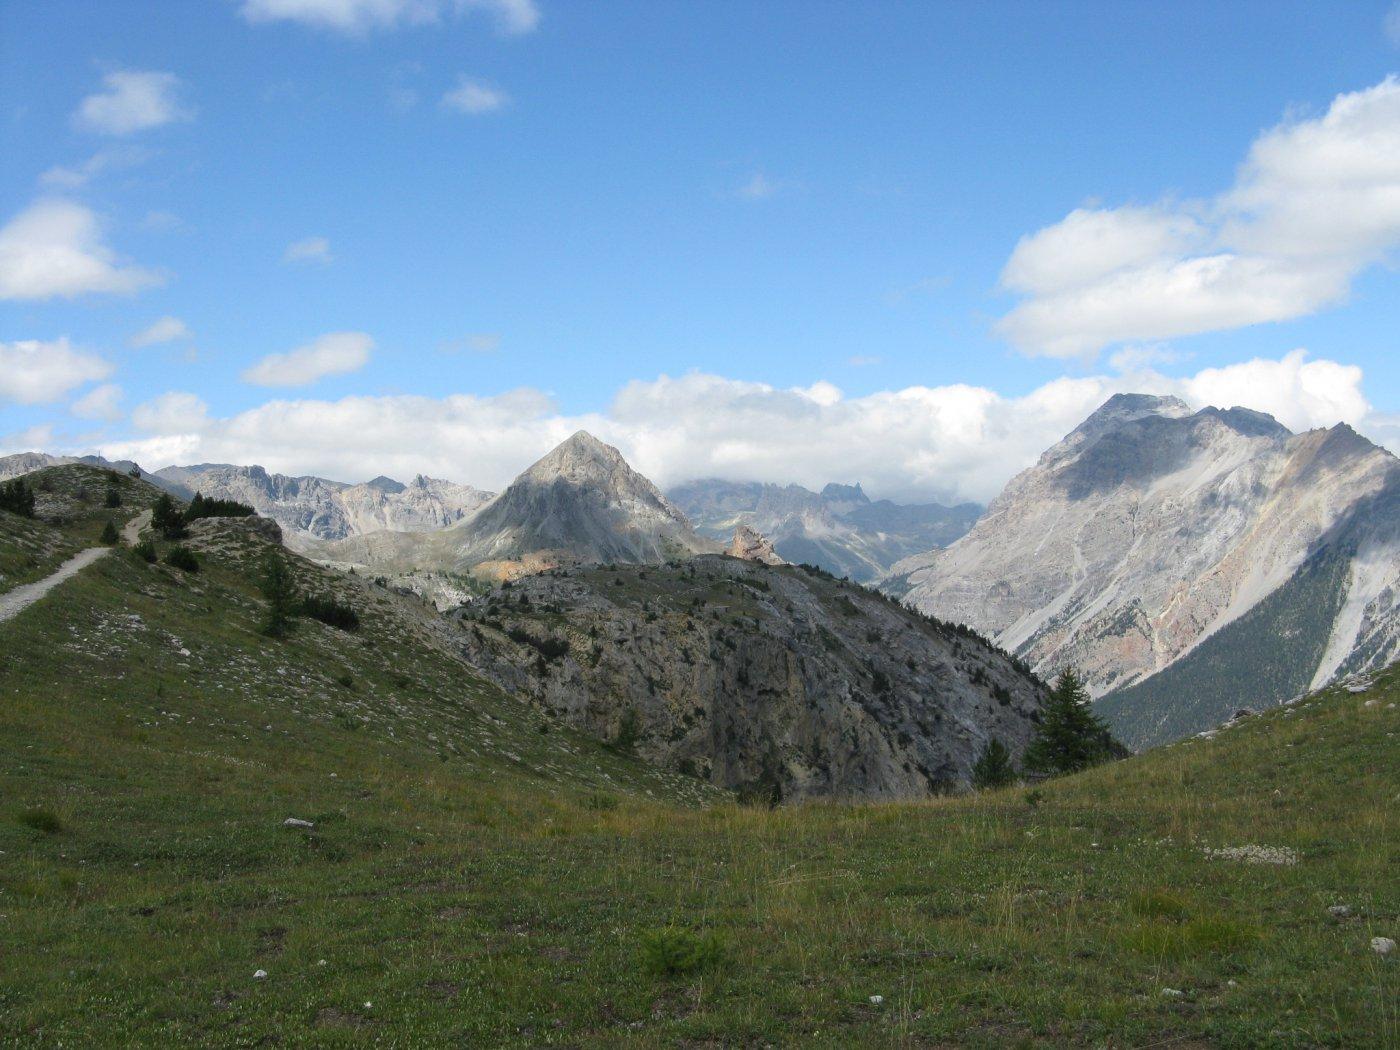 verso la Valle Stretta con la Guglia Rossa al centro